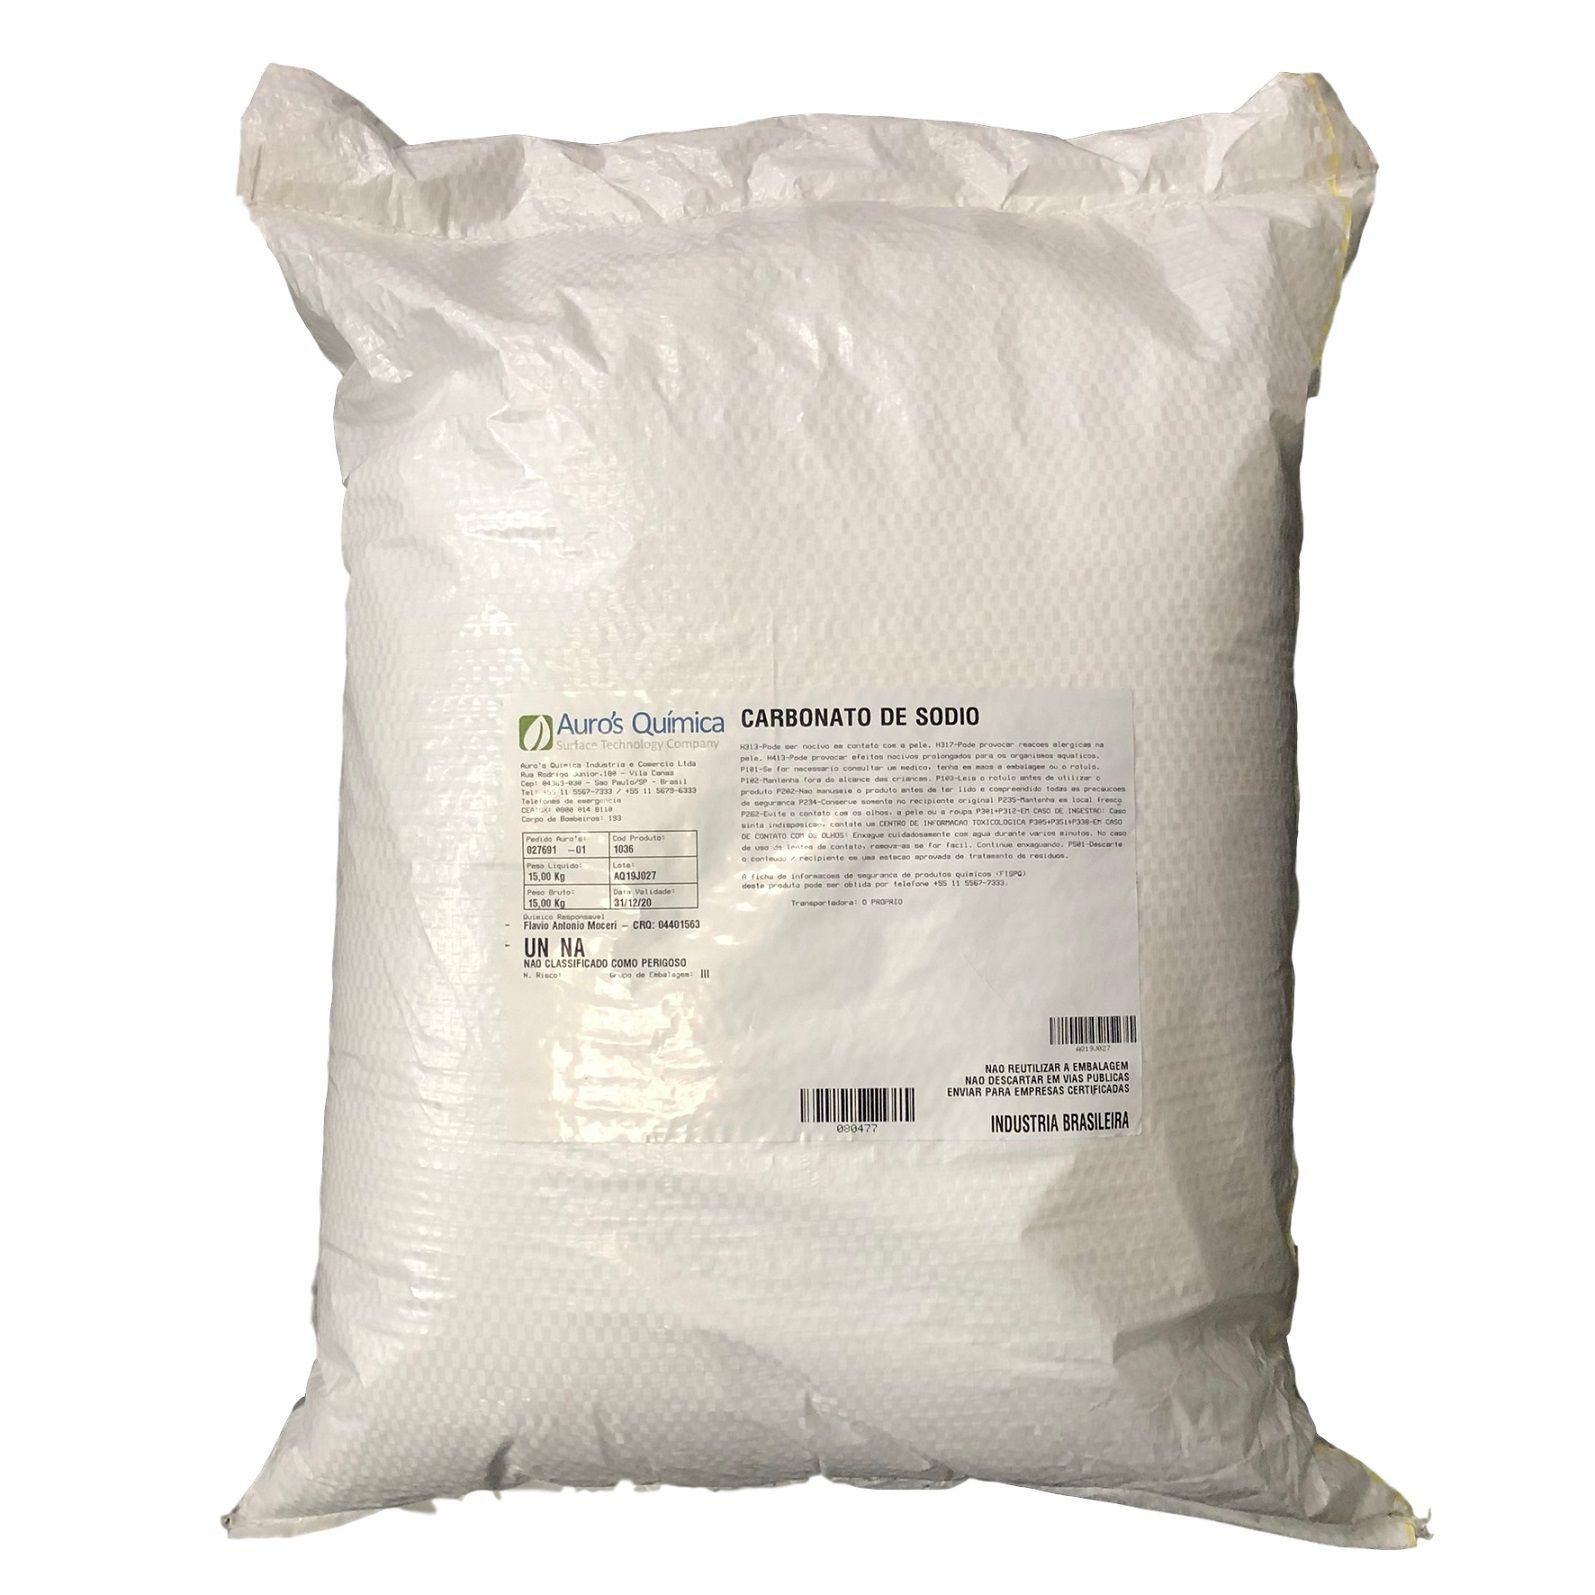 Carbonato de Sódio (Barrilha) - 25 Kg